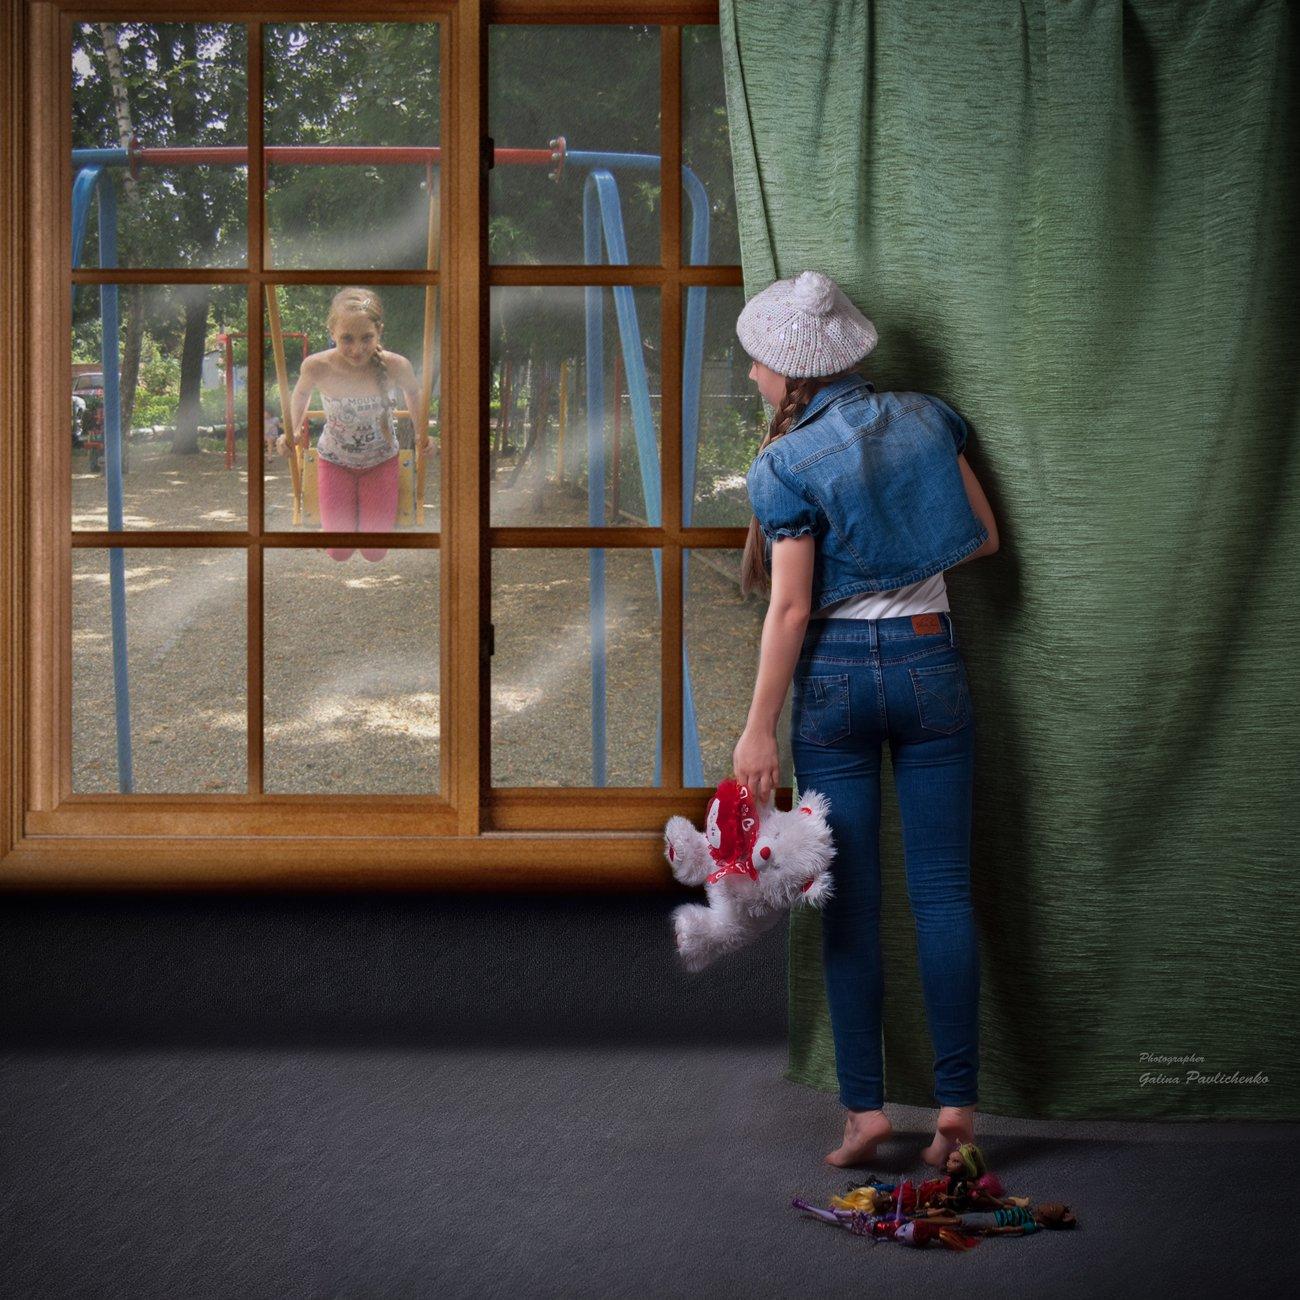 девочка , детство , 14 лет , подросток , качели, воспоминания, окно , двор, Галя